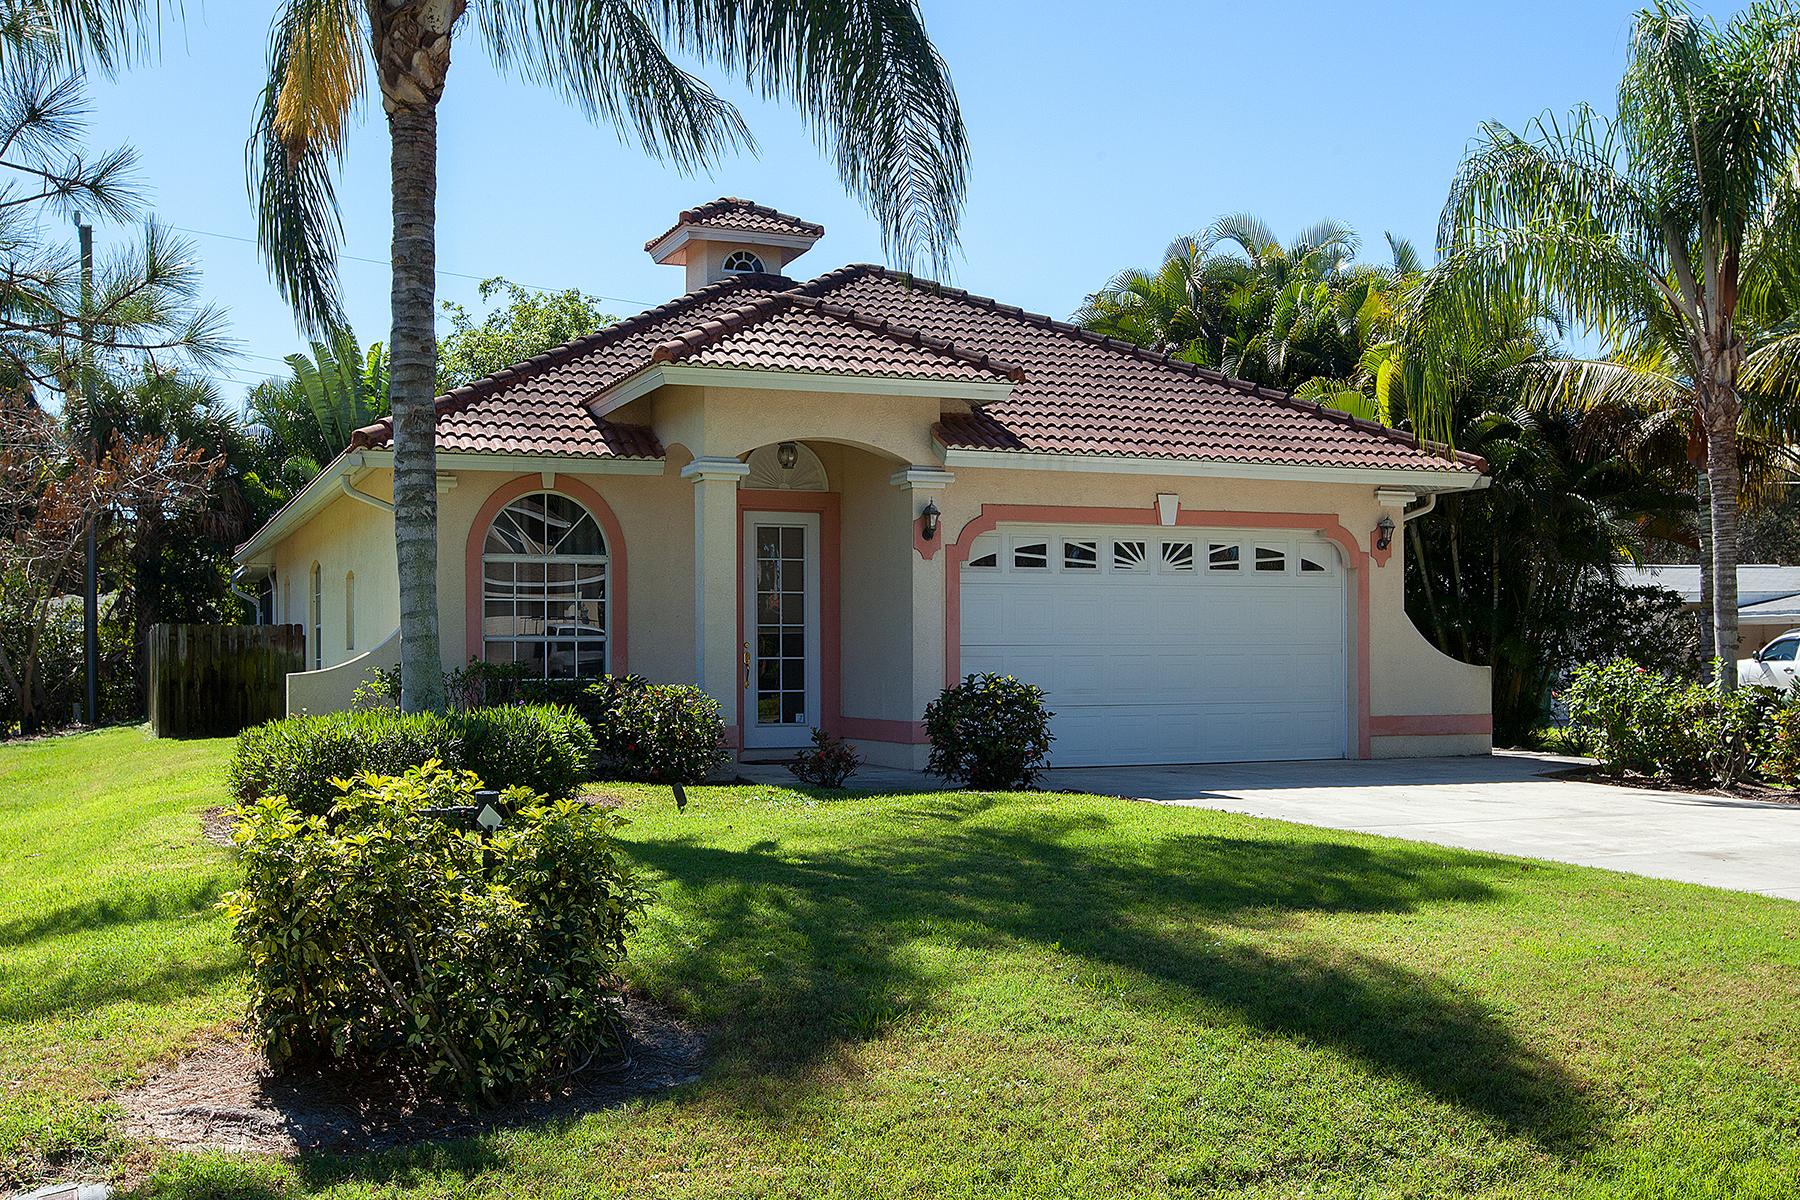 Maison unifamiliale pour l Vente à BAD AXE 1024 Michigan Ave Naples, Florida, 34103 États-Unis